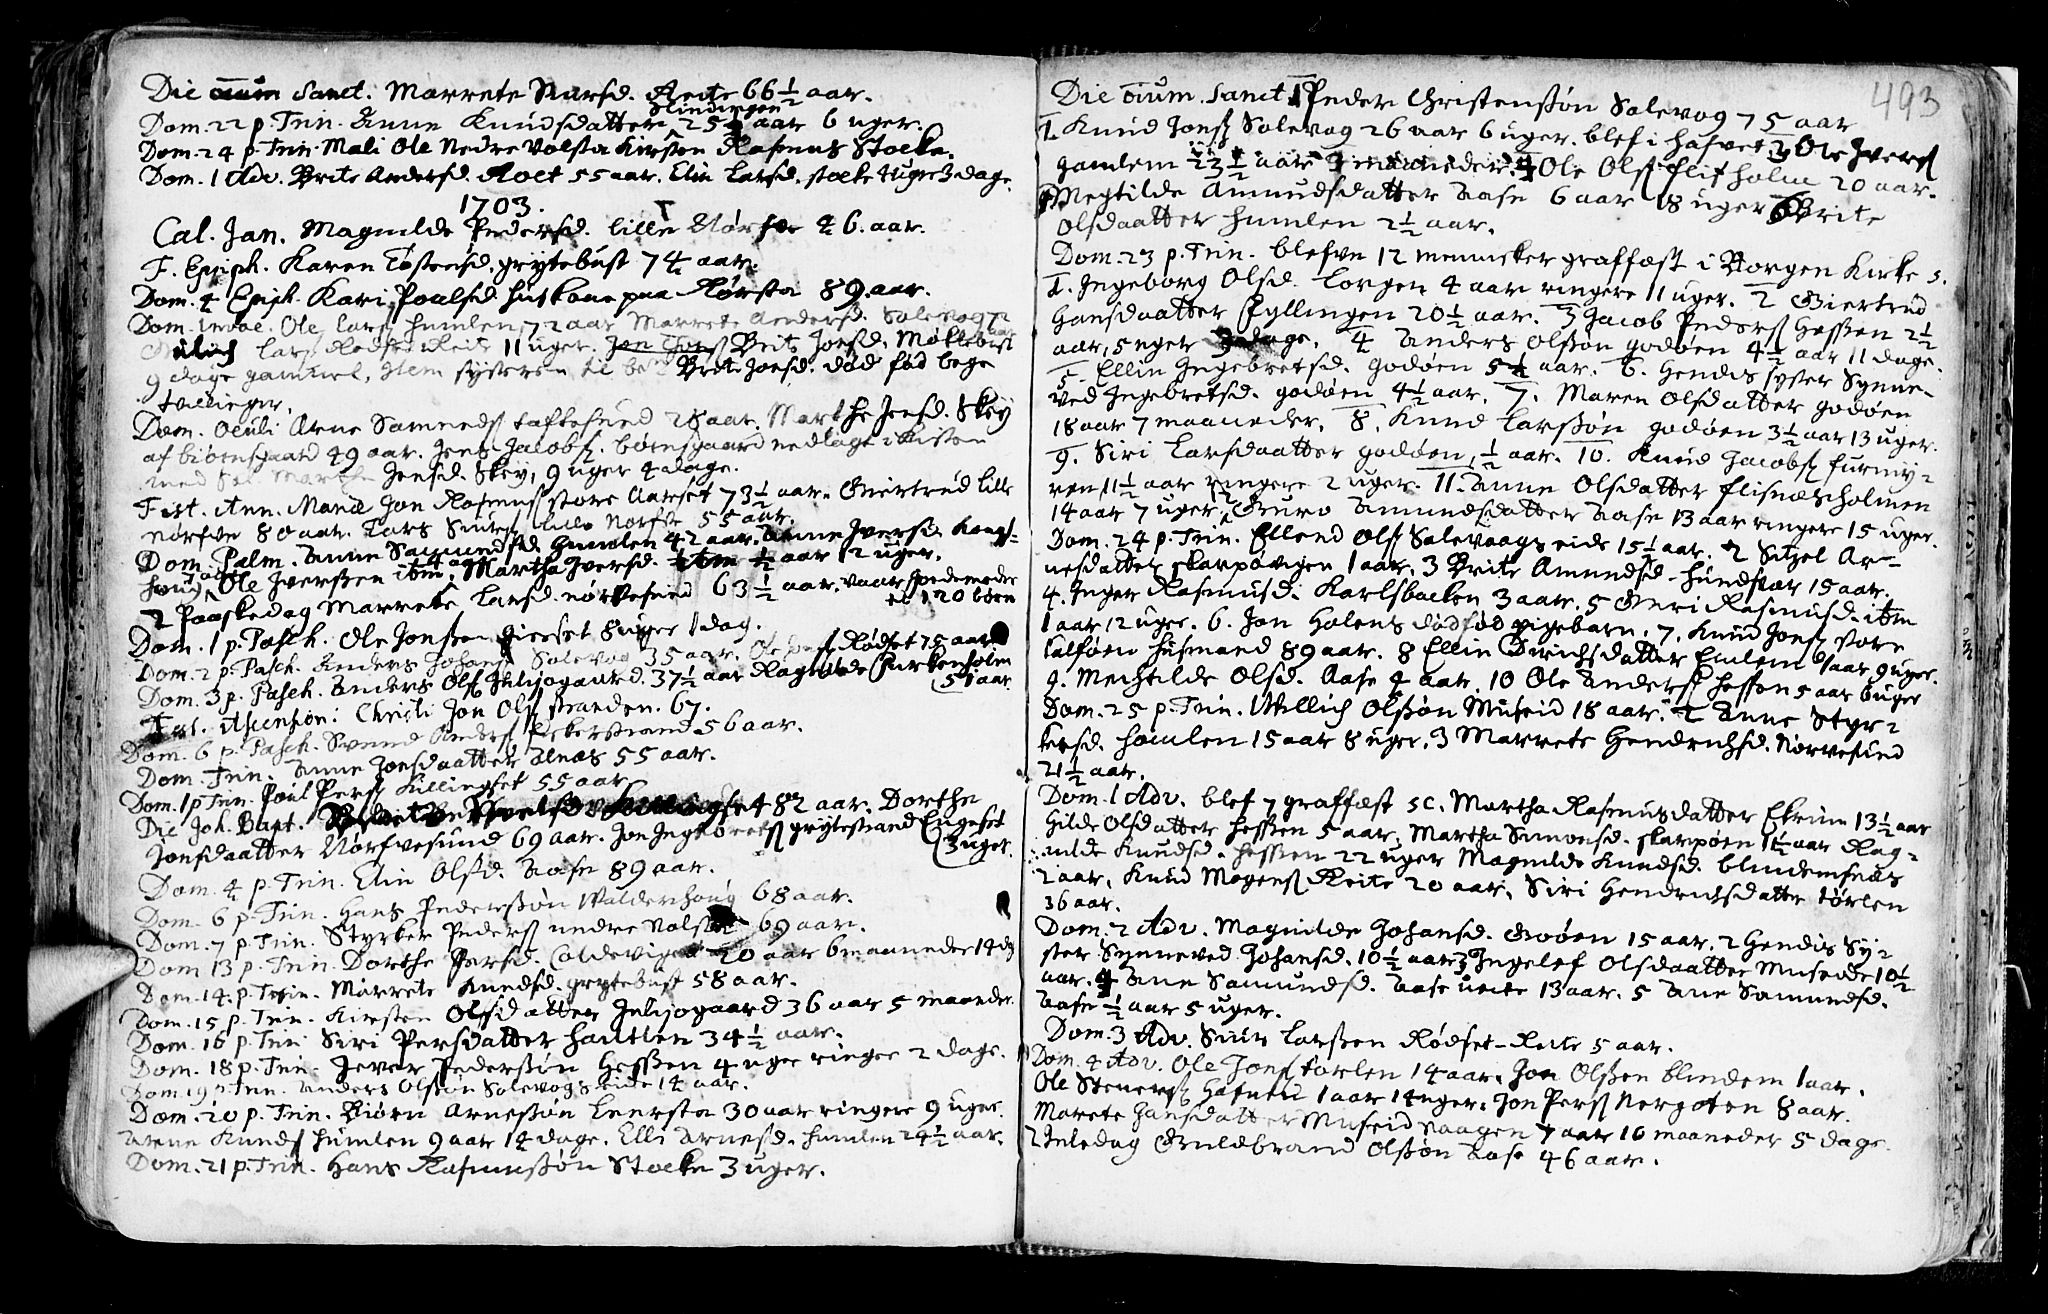 SAT, Ministerialprotokoller, klokkerbøker og fødselsregistre - Møre og Romsdal, 528/L0390: Ministerialbok nr. 528A01, 1698-1739, s. 492-493